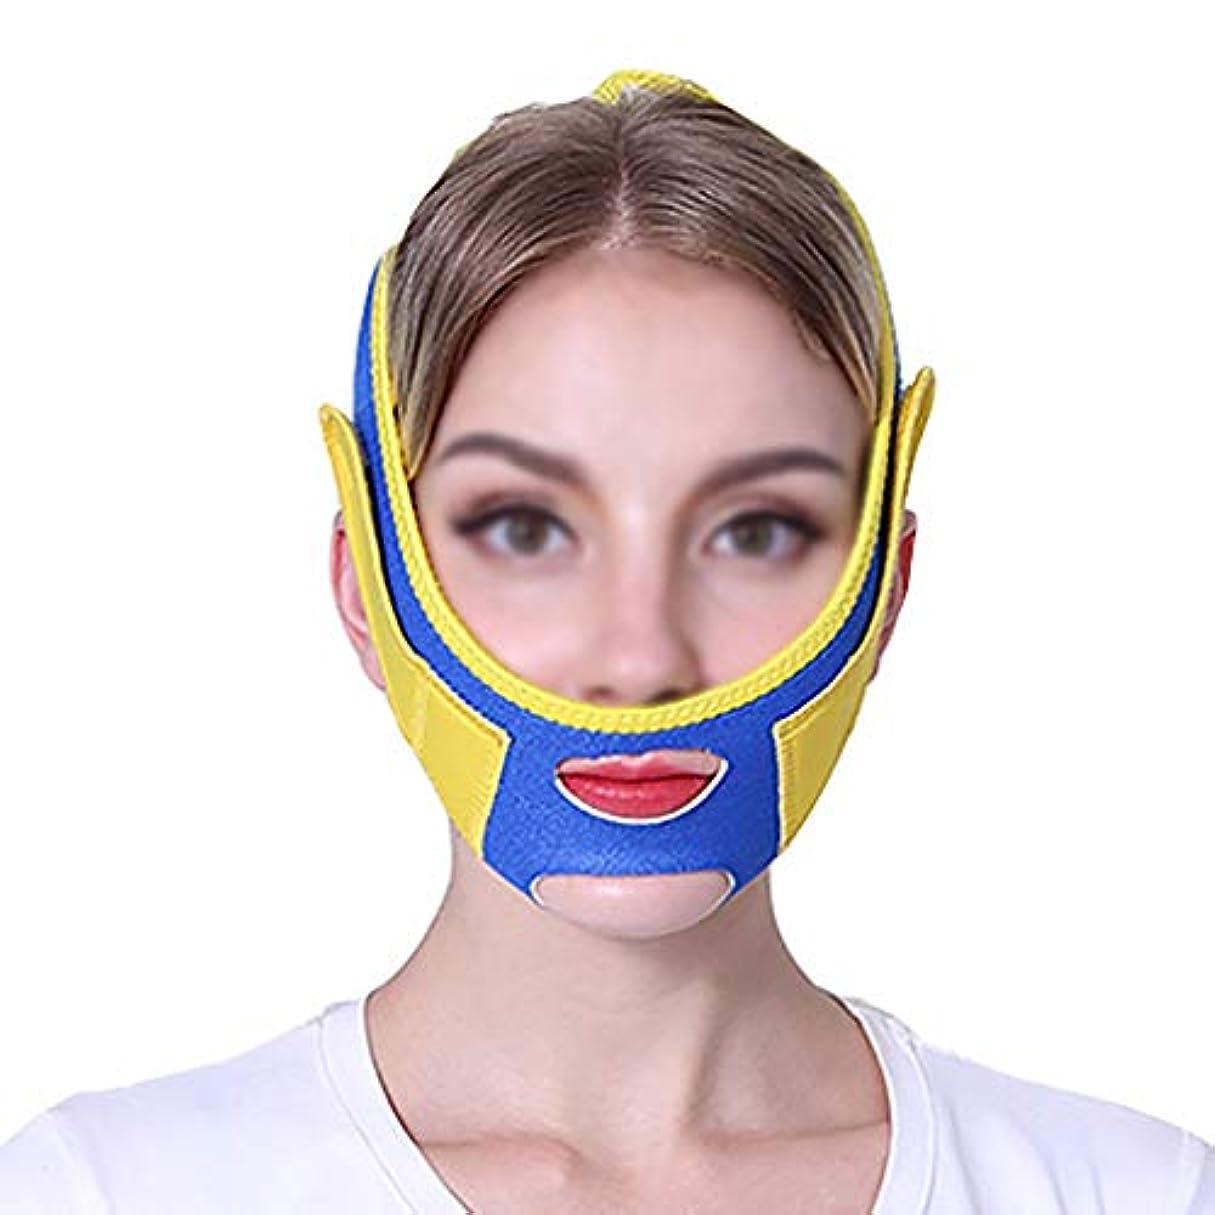 不快な威するチョークGLJJQMY ファーミングマスクスモールvフェイスアーティファクトリフティングマスクフェイスリフティングフェイスリフティングマスクファーミングクリームフェイシャルリフティング包帯 顔用整形マスク